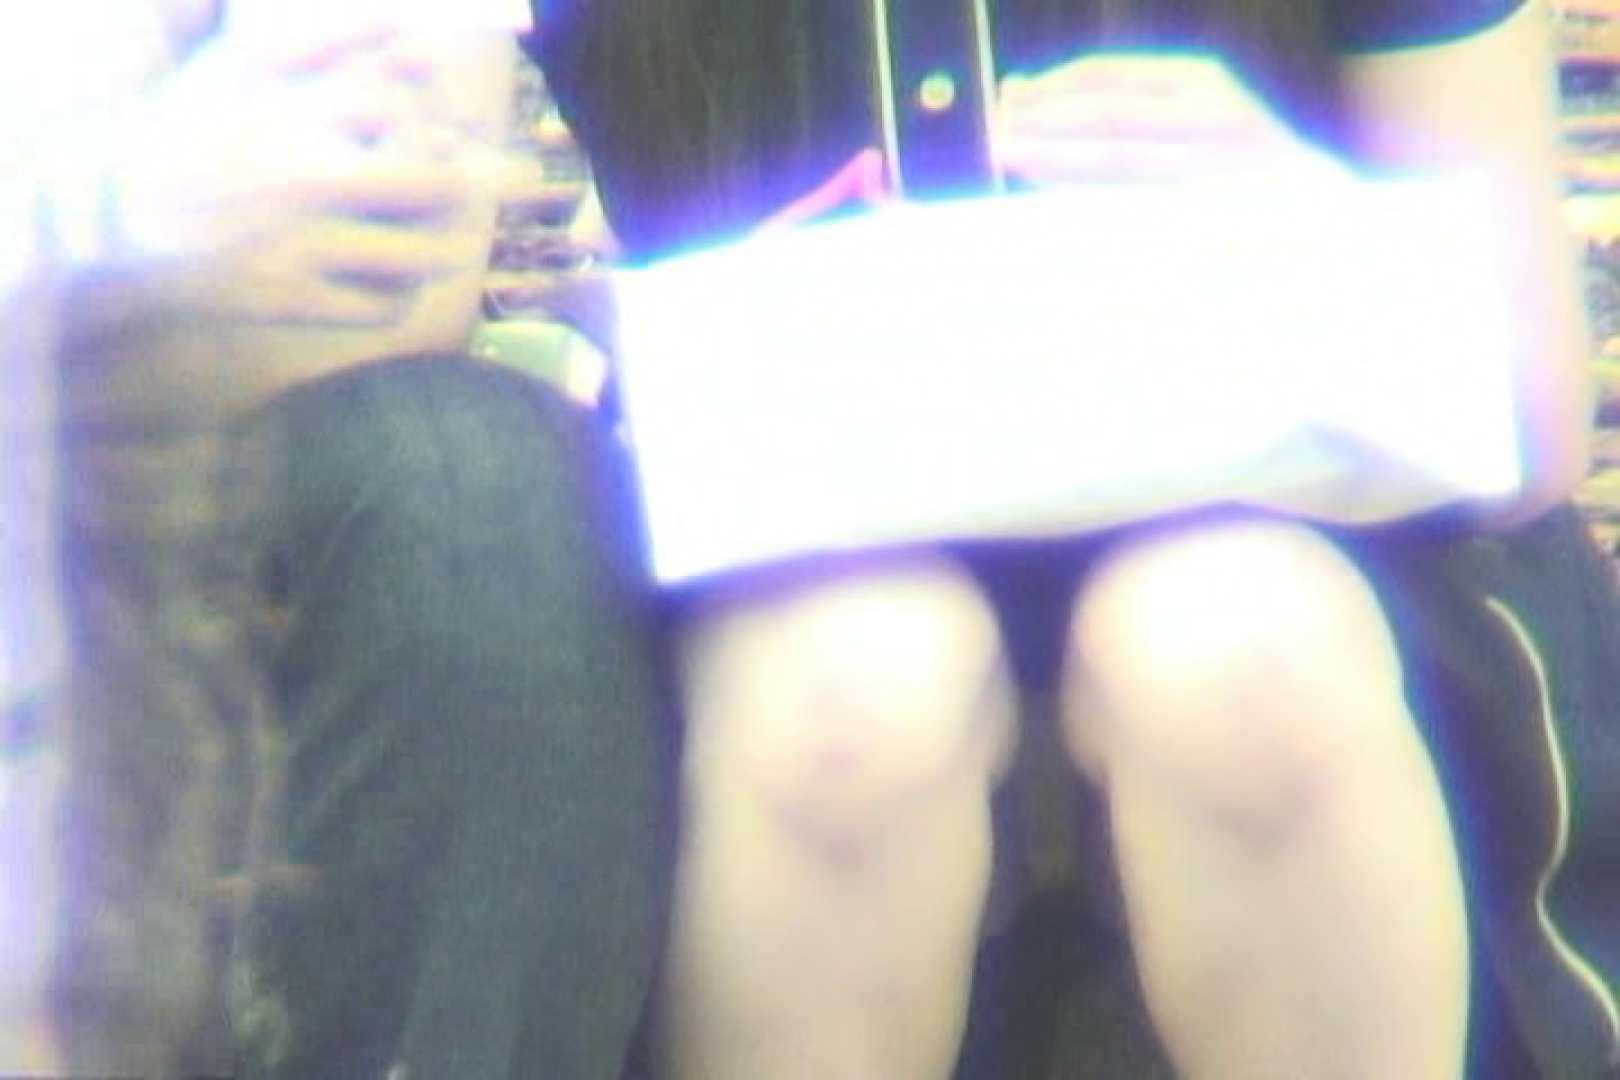 超最新版!春夏秋冬 vol.04 パンティ おまんこ無修正動画無料 87連発 27